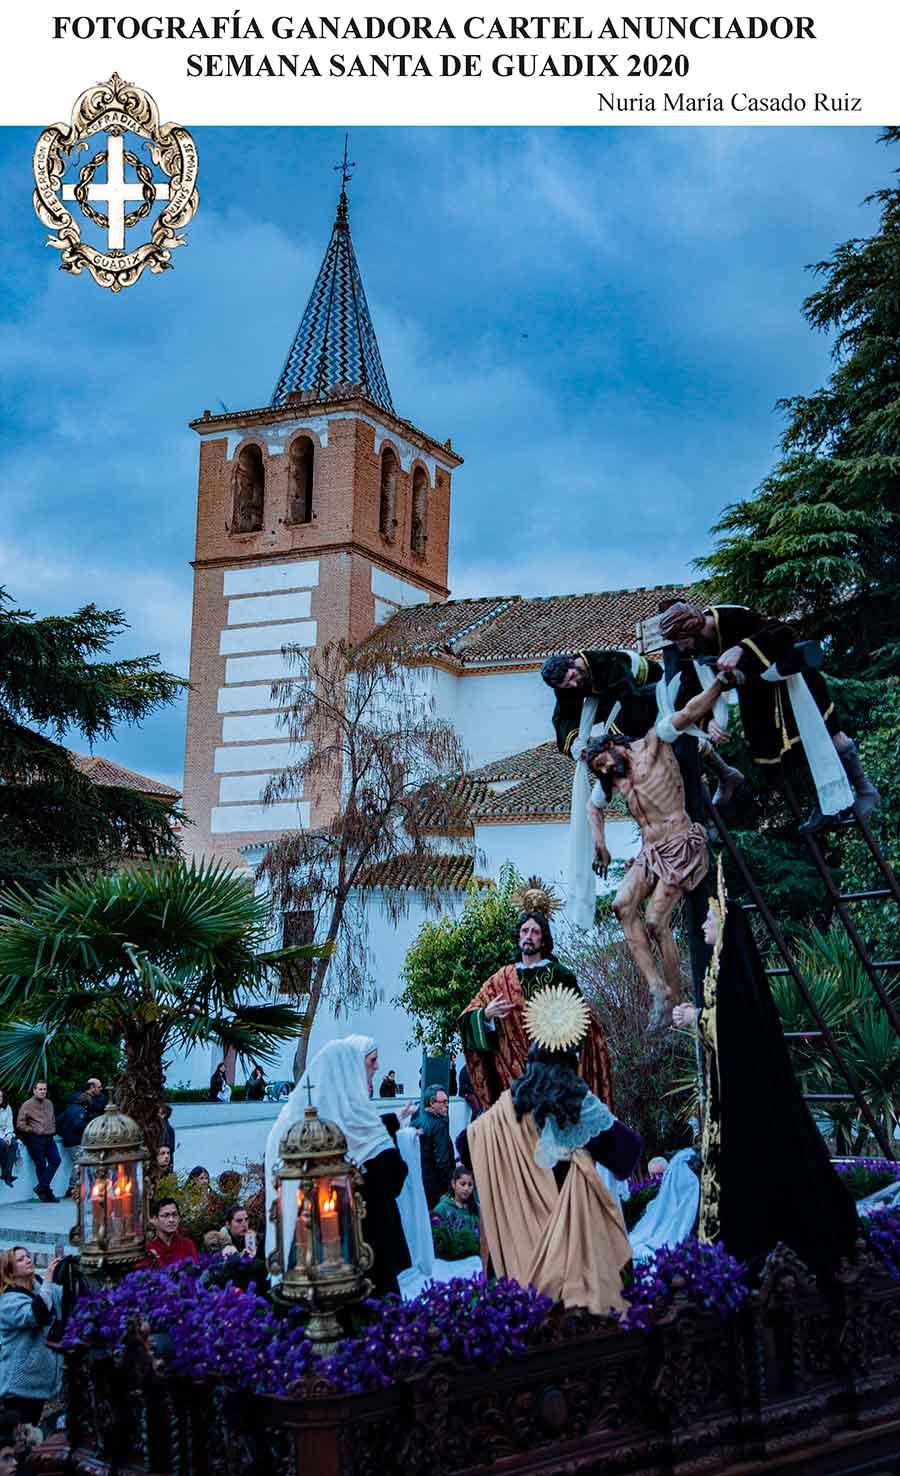 Cartel Semana Santa Guadix 2020